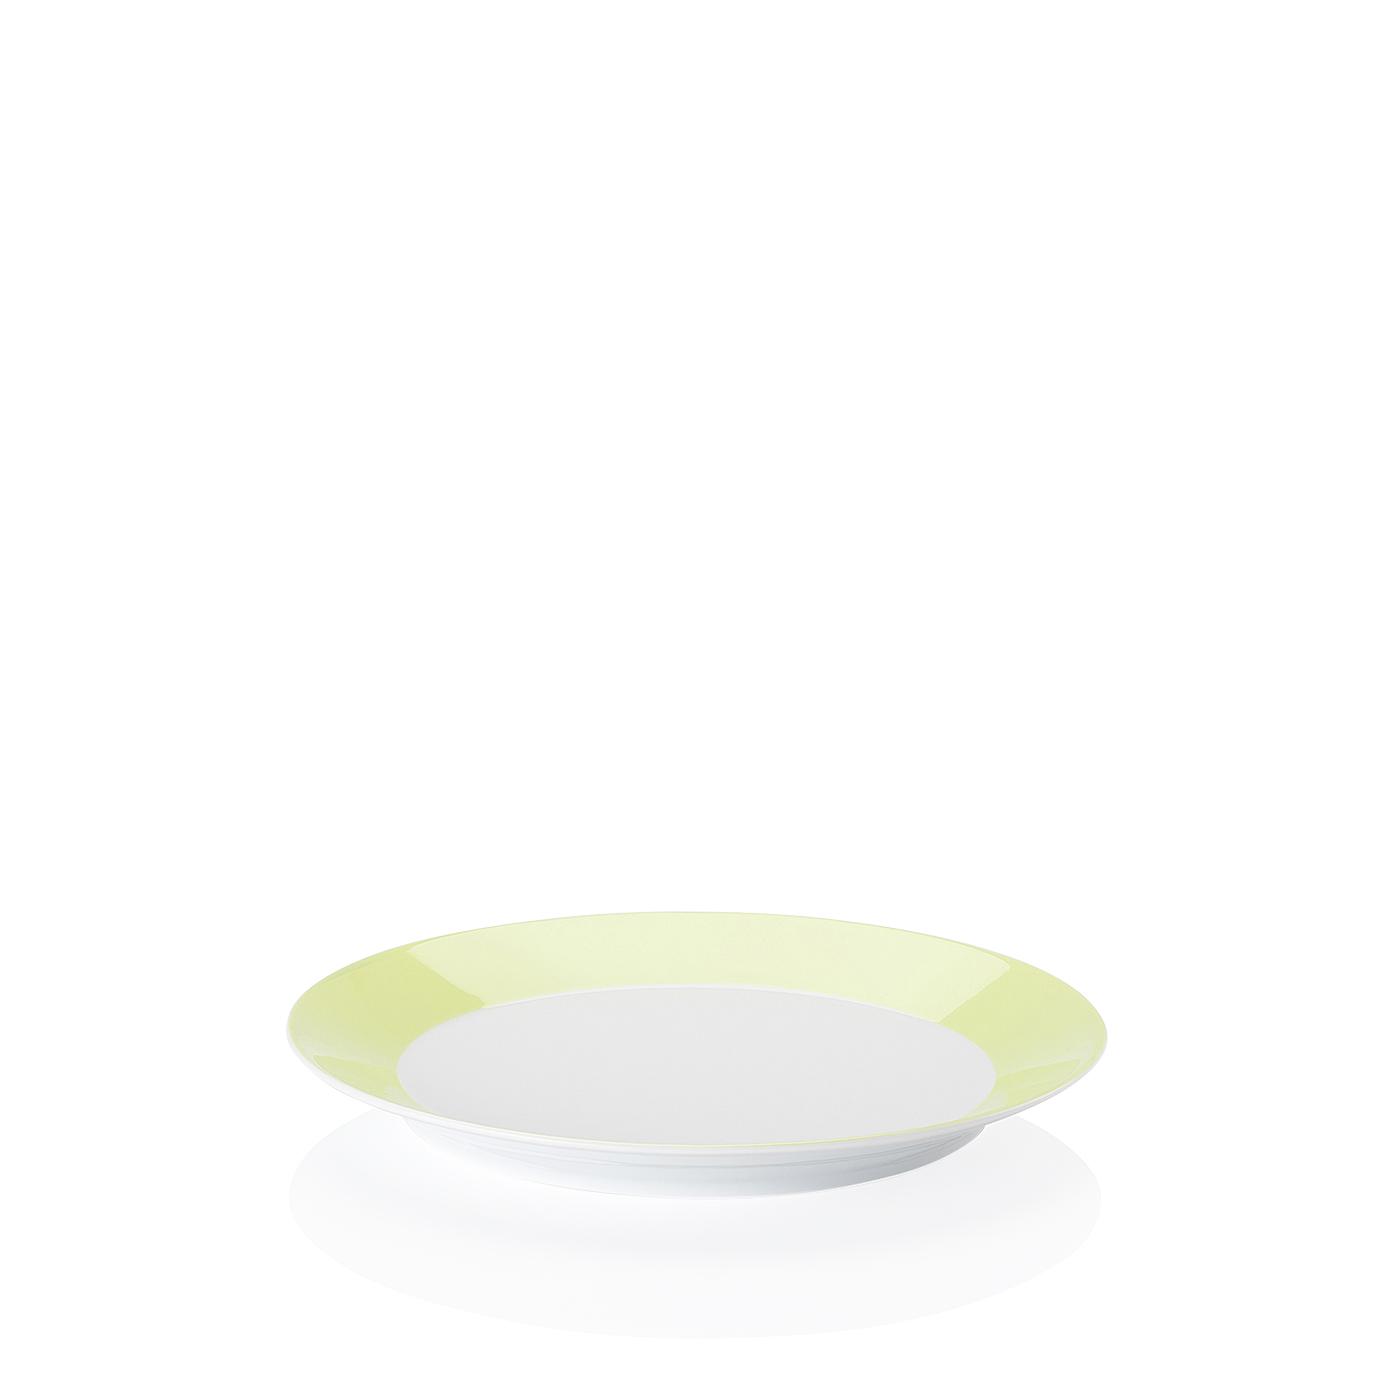 Frühstücksteller 22 cm/Fa Tric Grün Arzberg